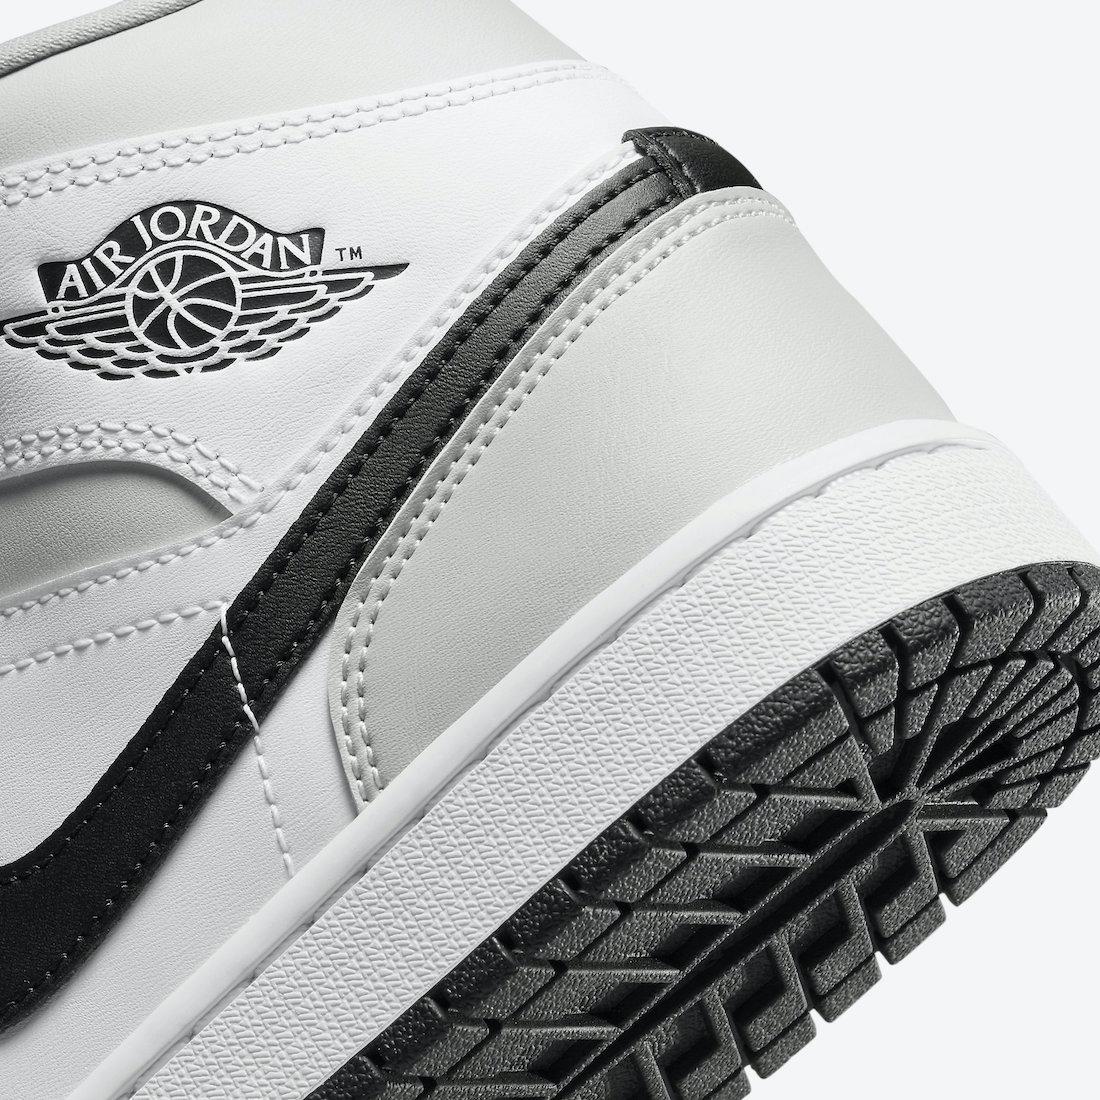 Air Jordan 1 Mid Light Smoke Grey WMNS BQ6472-015 Release Date Info